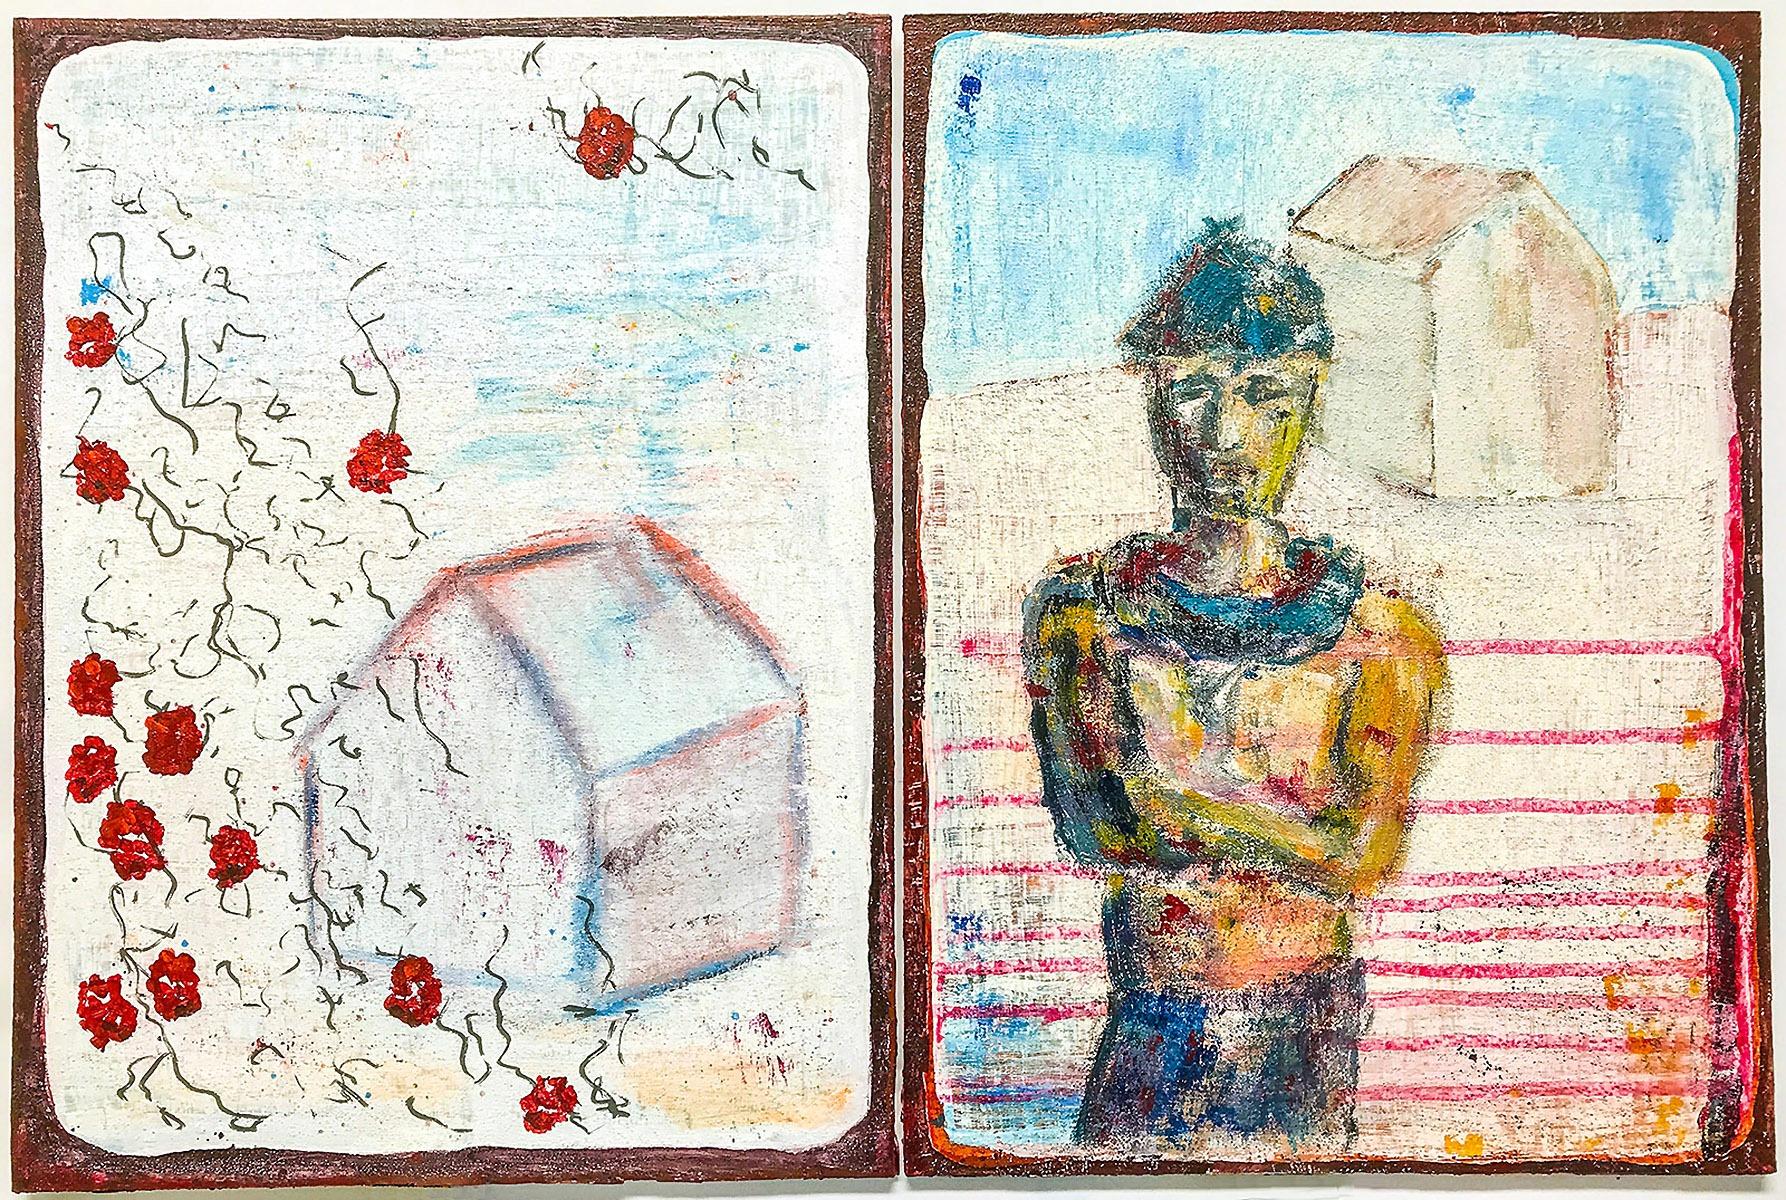 Der Aufruf (Serie Kafka/ Vor dem Gesetz) // 40 x 60, Acryl, Ölkreide auf Pappe, 2018